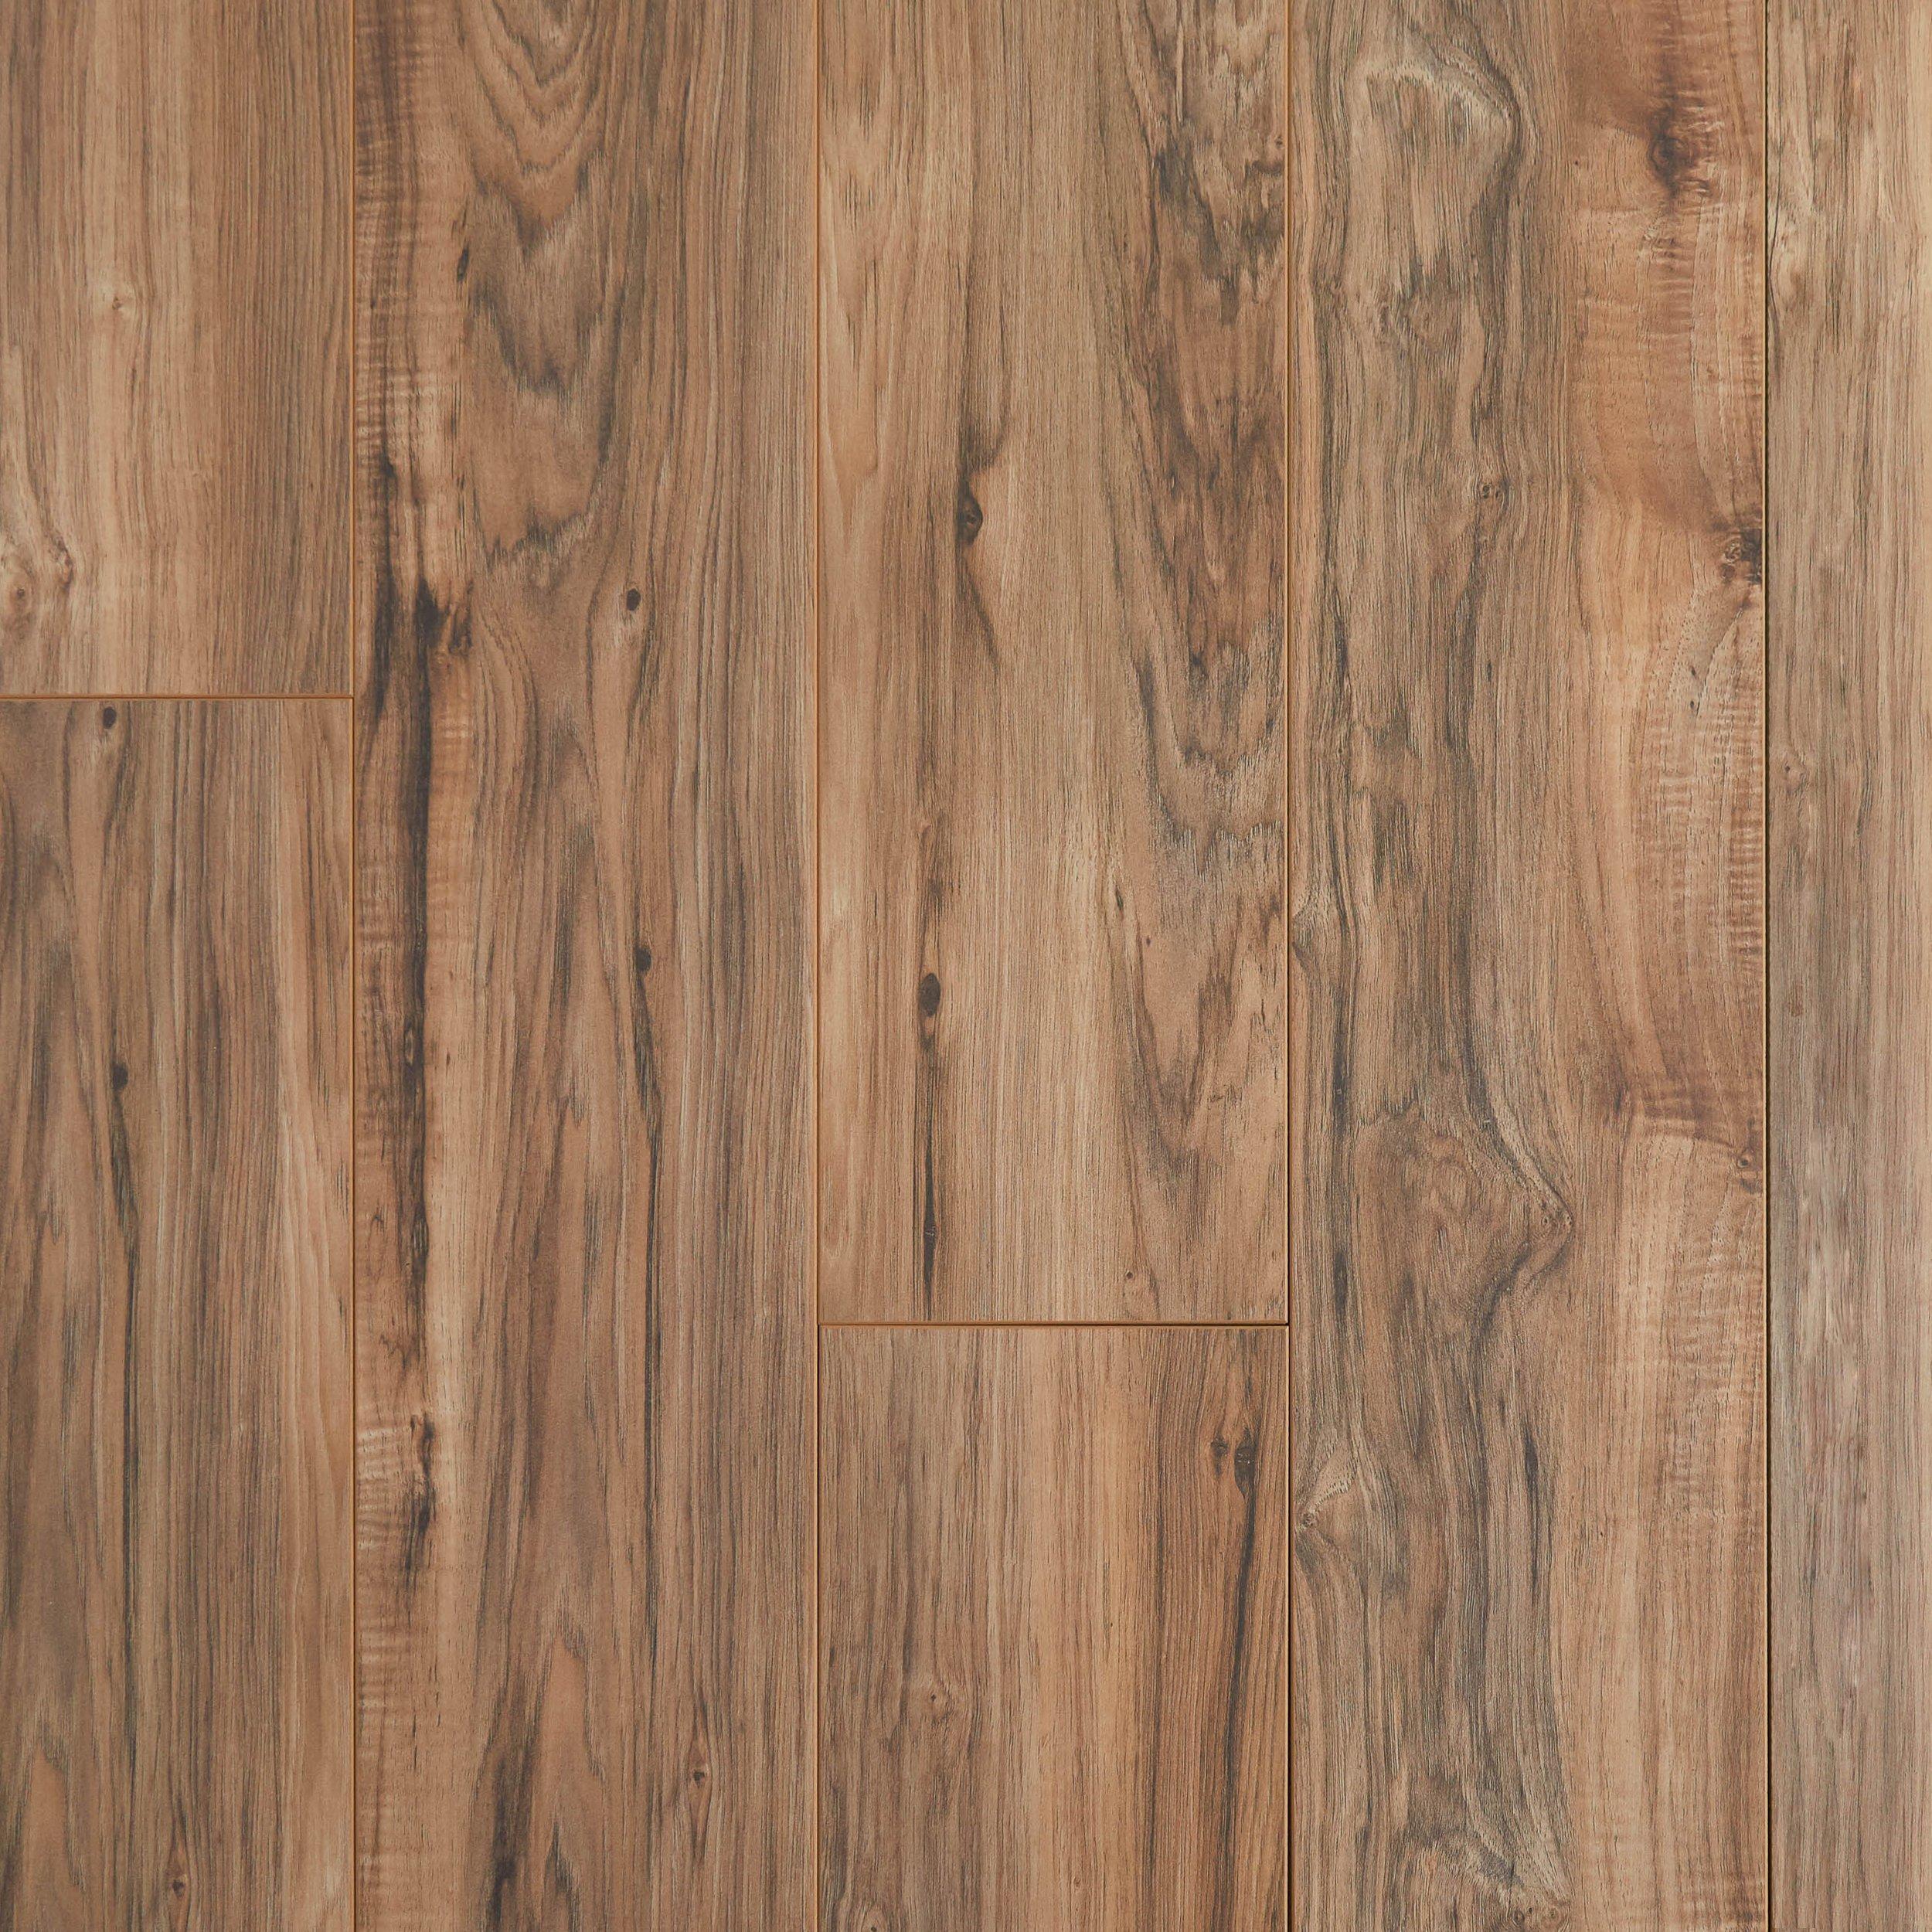 Alder Pecan Tan Water Resistant Laminate, Pecan Laminate Flooring 12mm